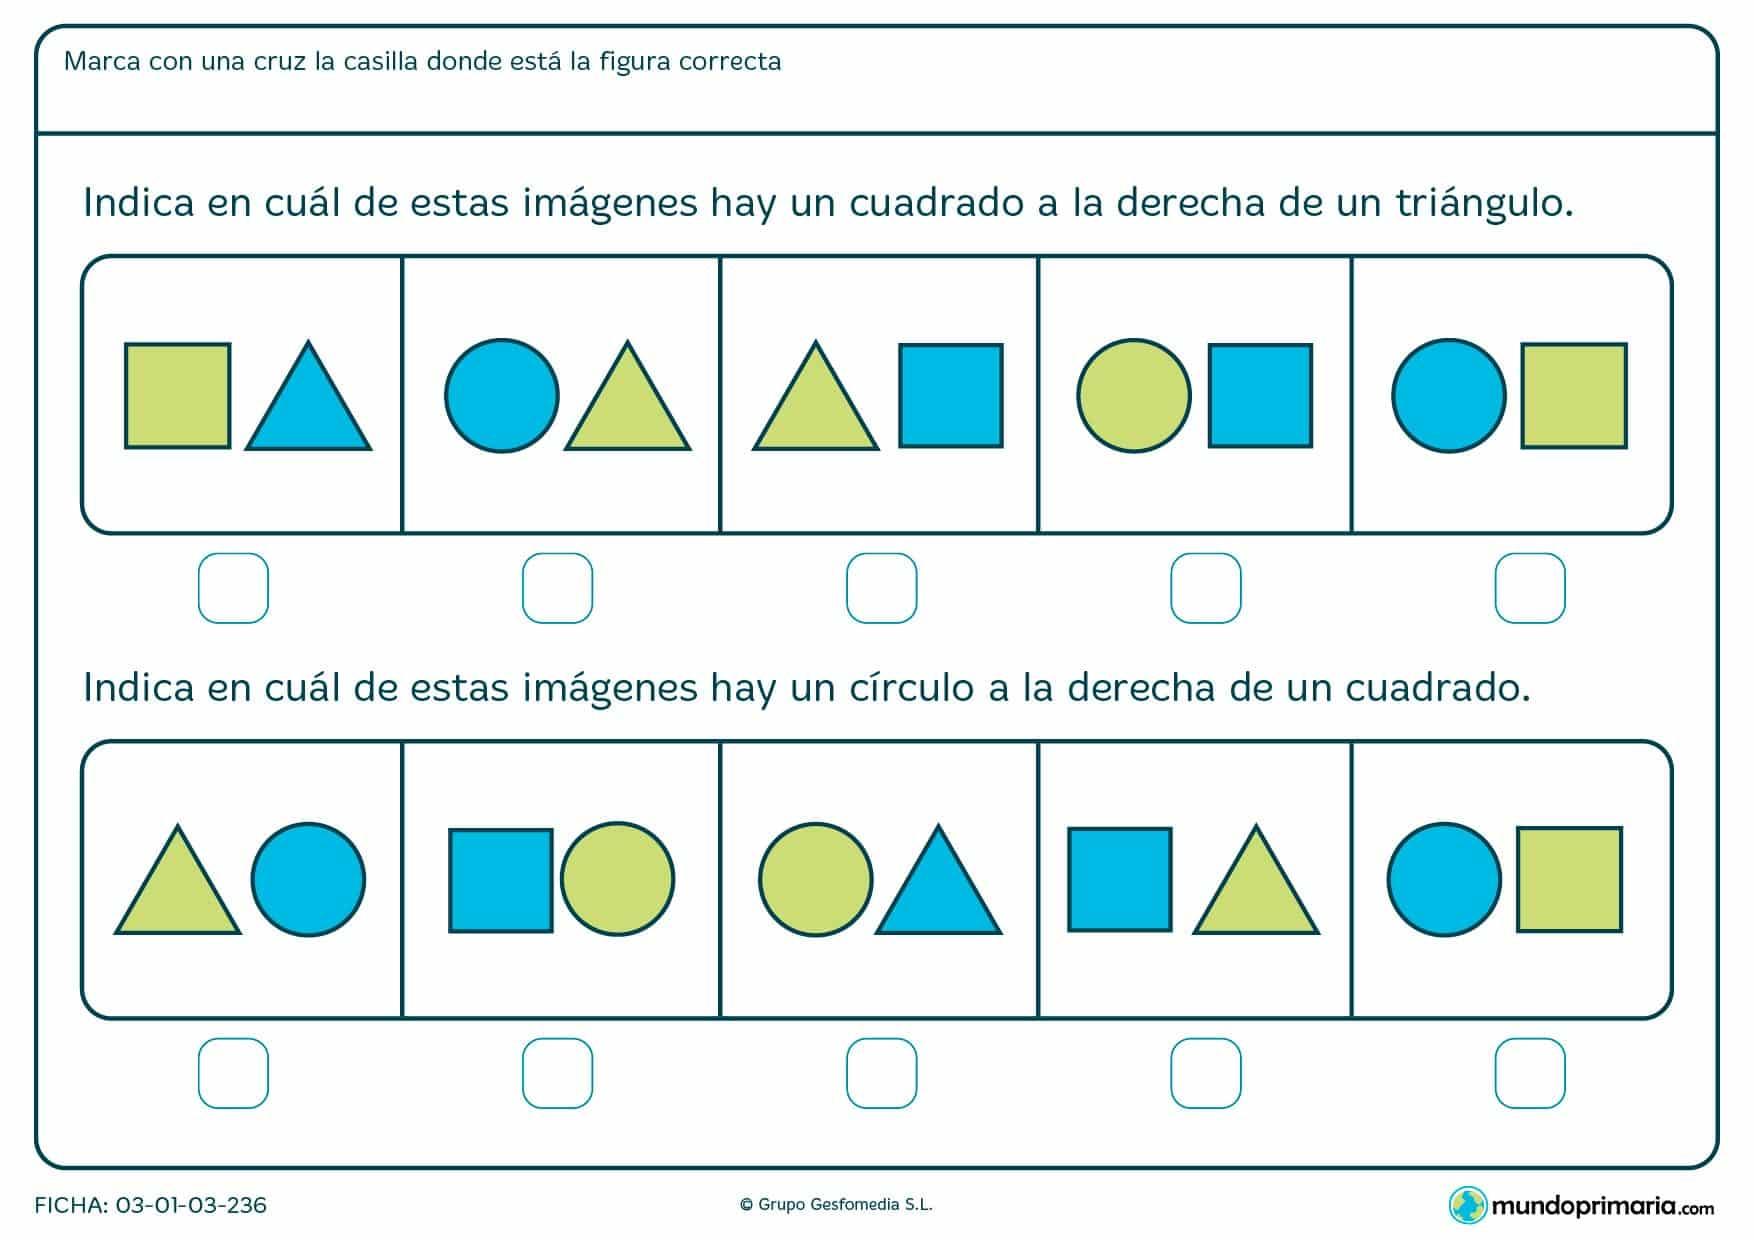 Ficha de identificar cuadrados, círculos y posición en la que hay que marcar la imagen que corresponda con lo que te piden en el enunciado.